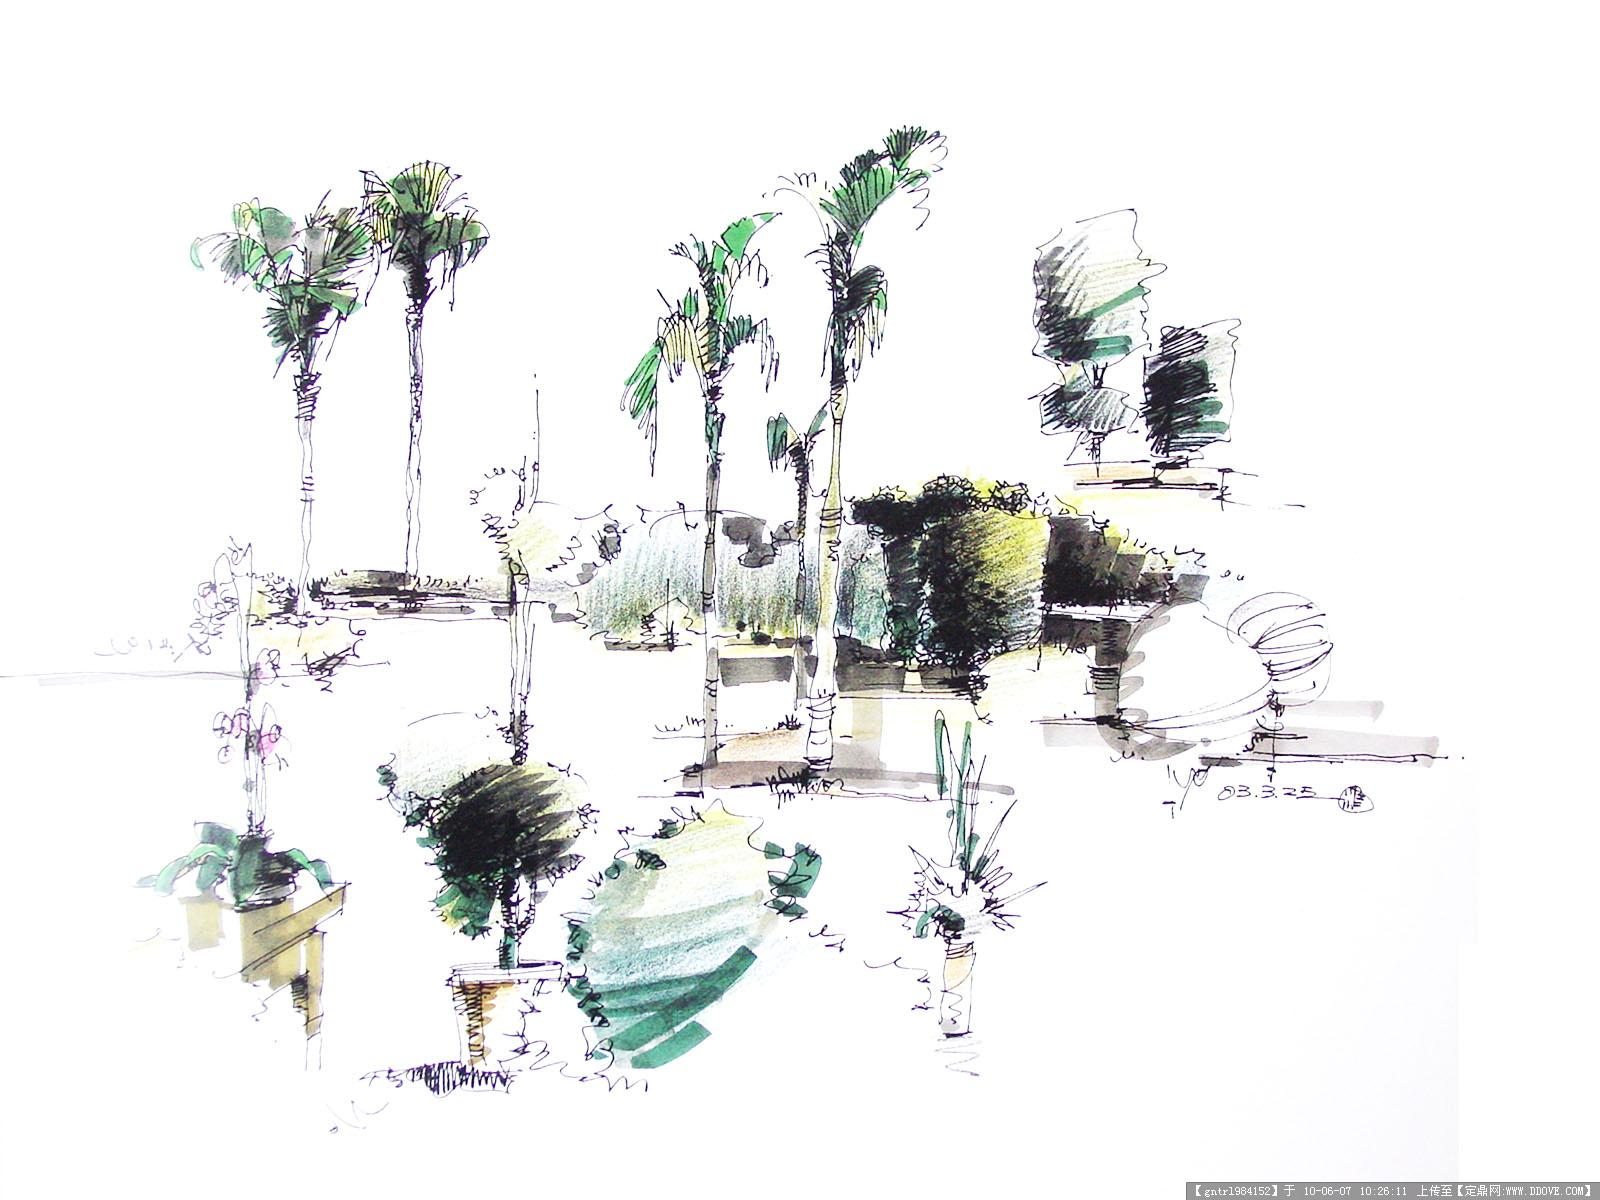 手绘 手绘; 手绘训练图 欢迎大家参观 - 室内手绘 - 绘世界网 - 最好